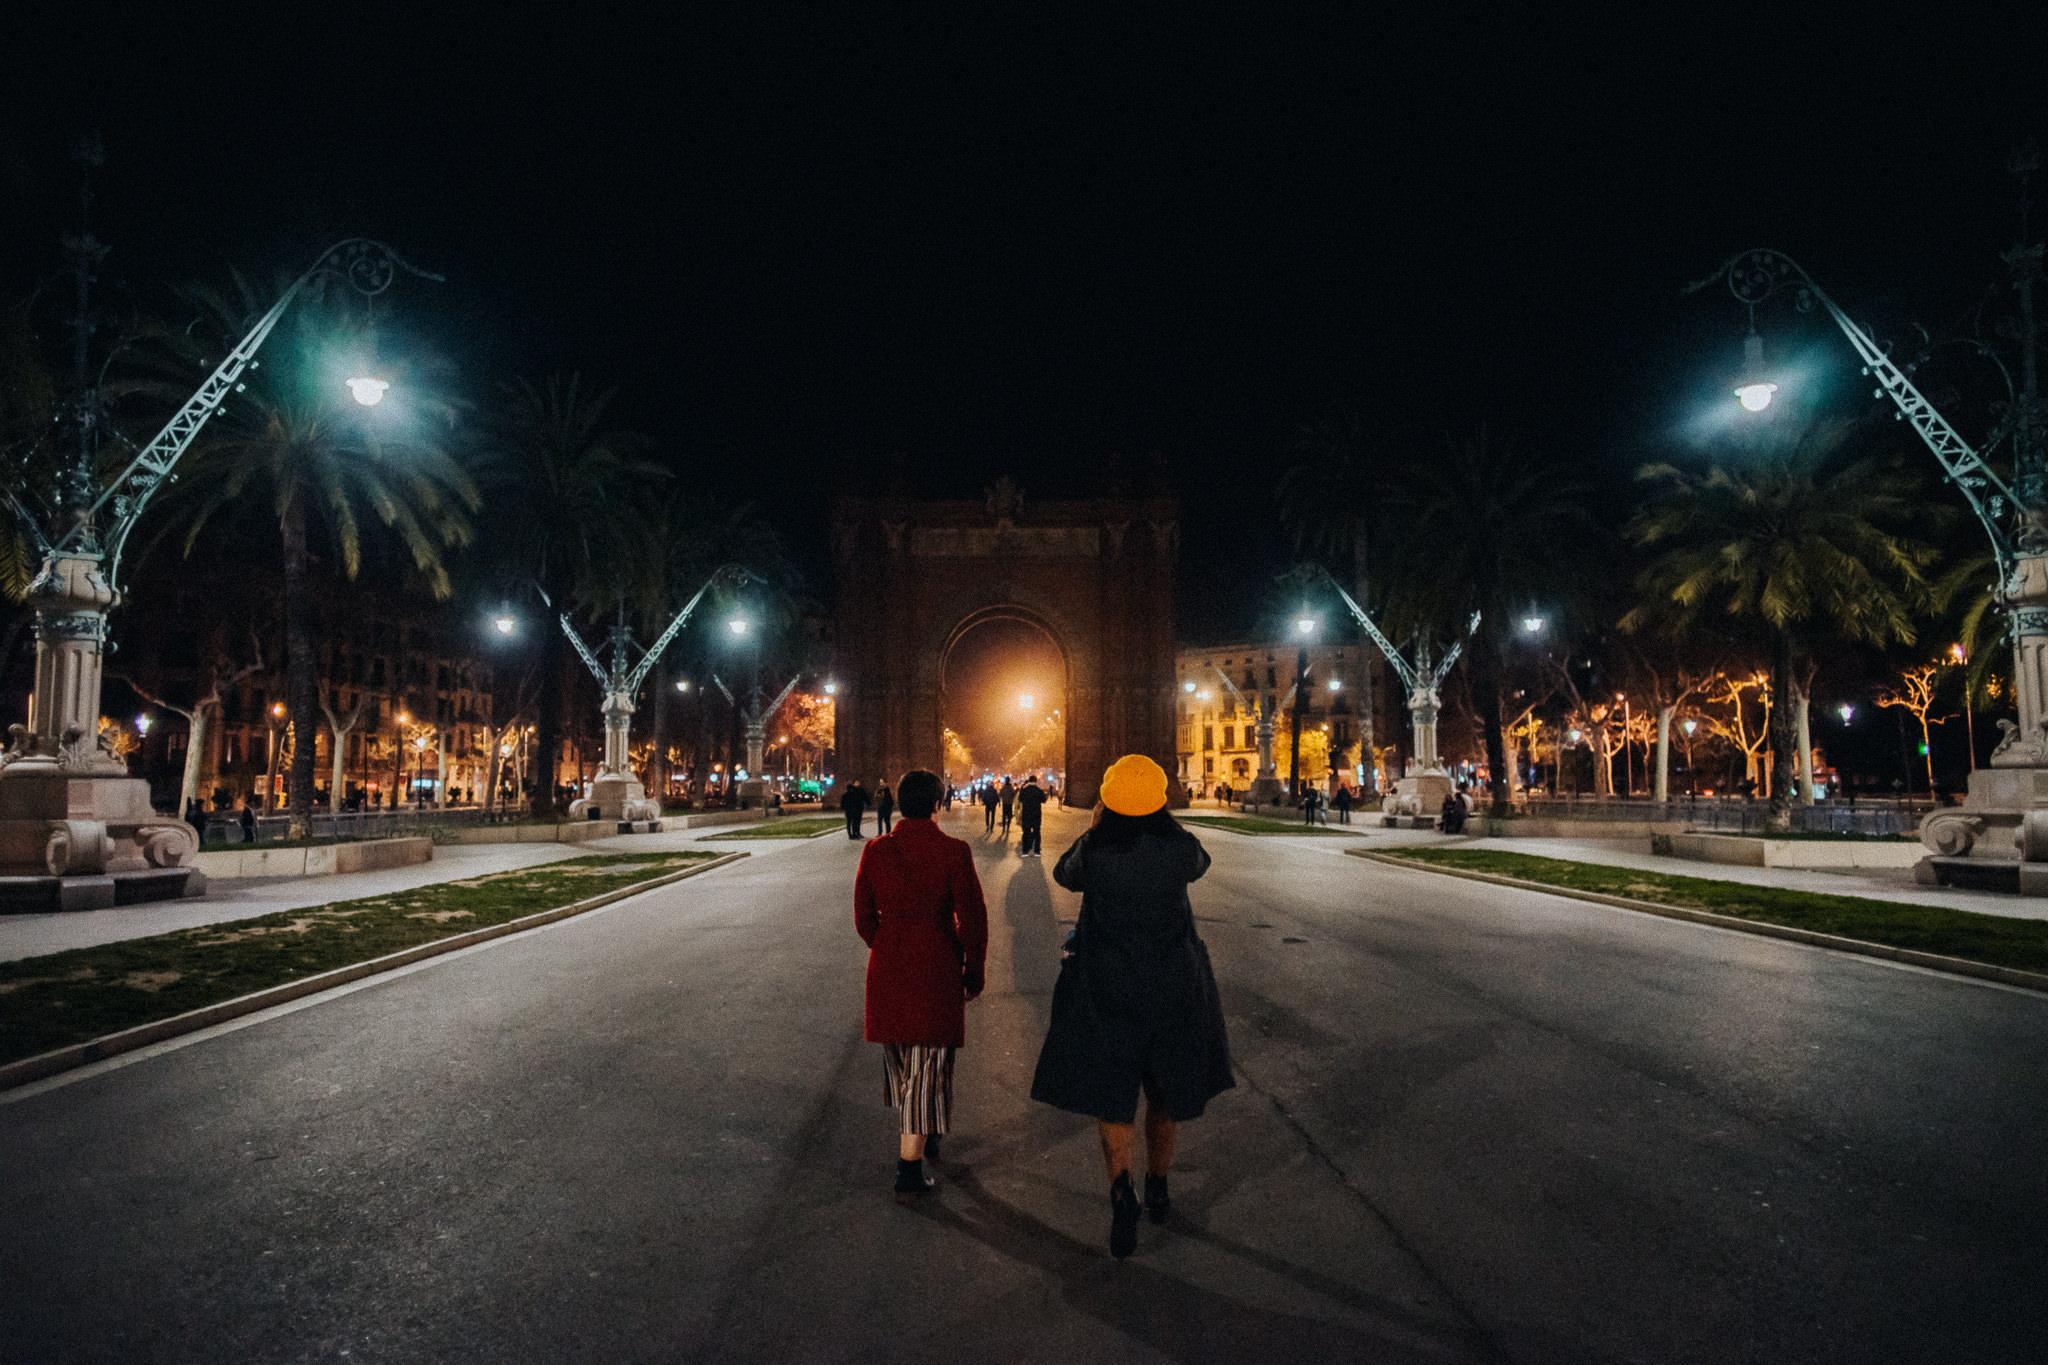 Acr de Triump Barcelona night lights